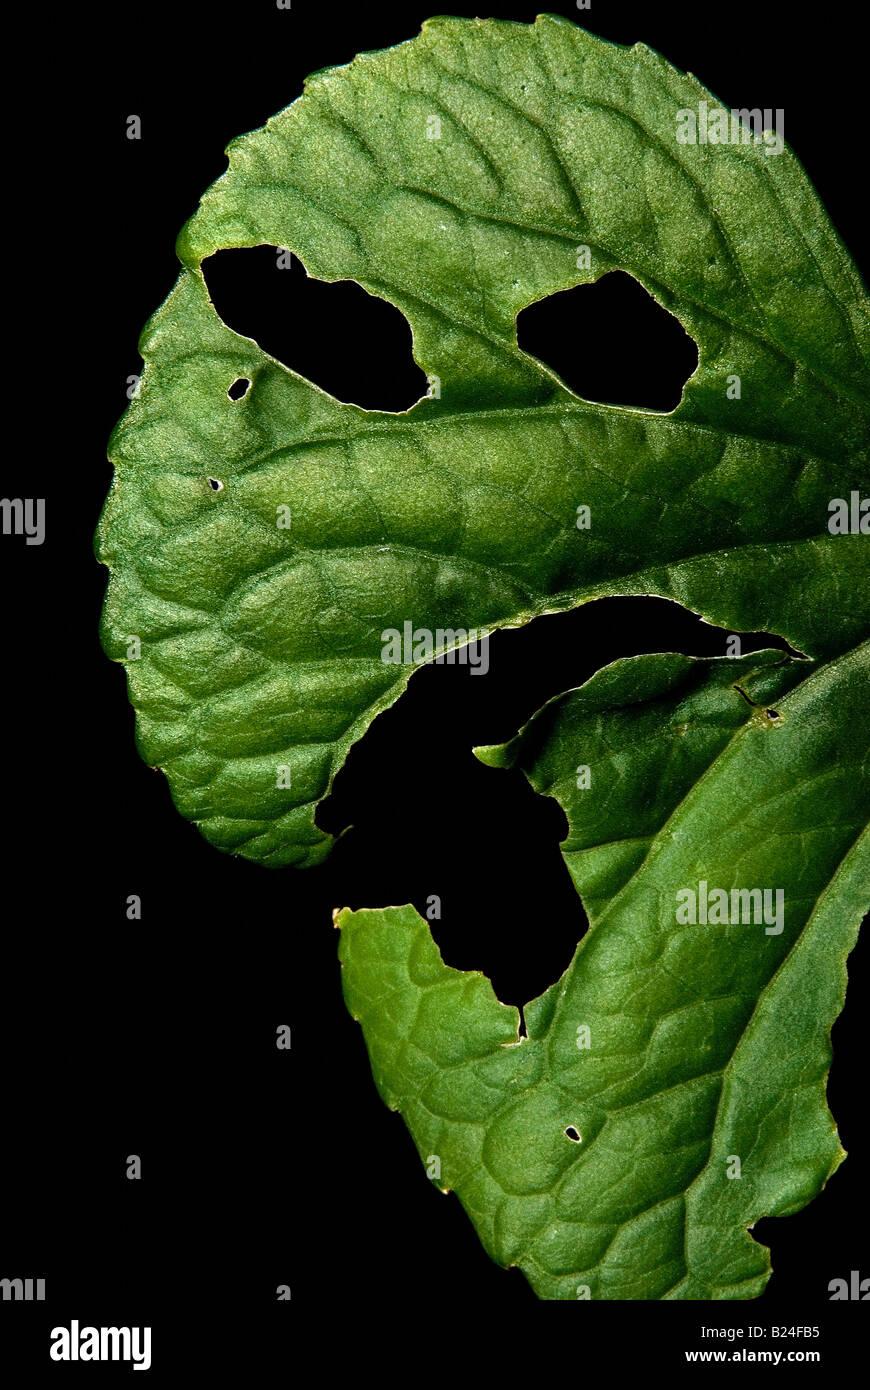 Diseased leaf - Stock Image